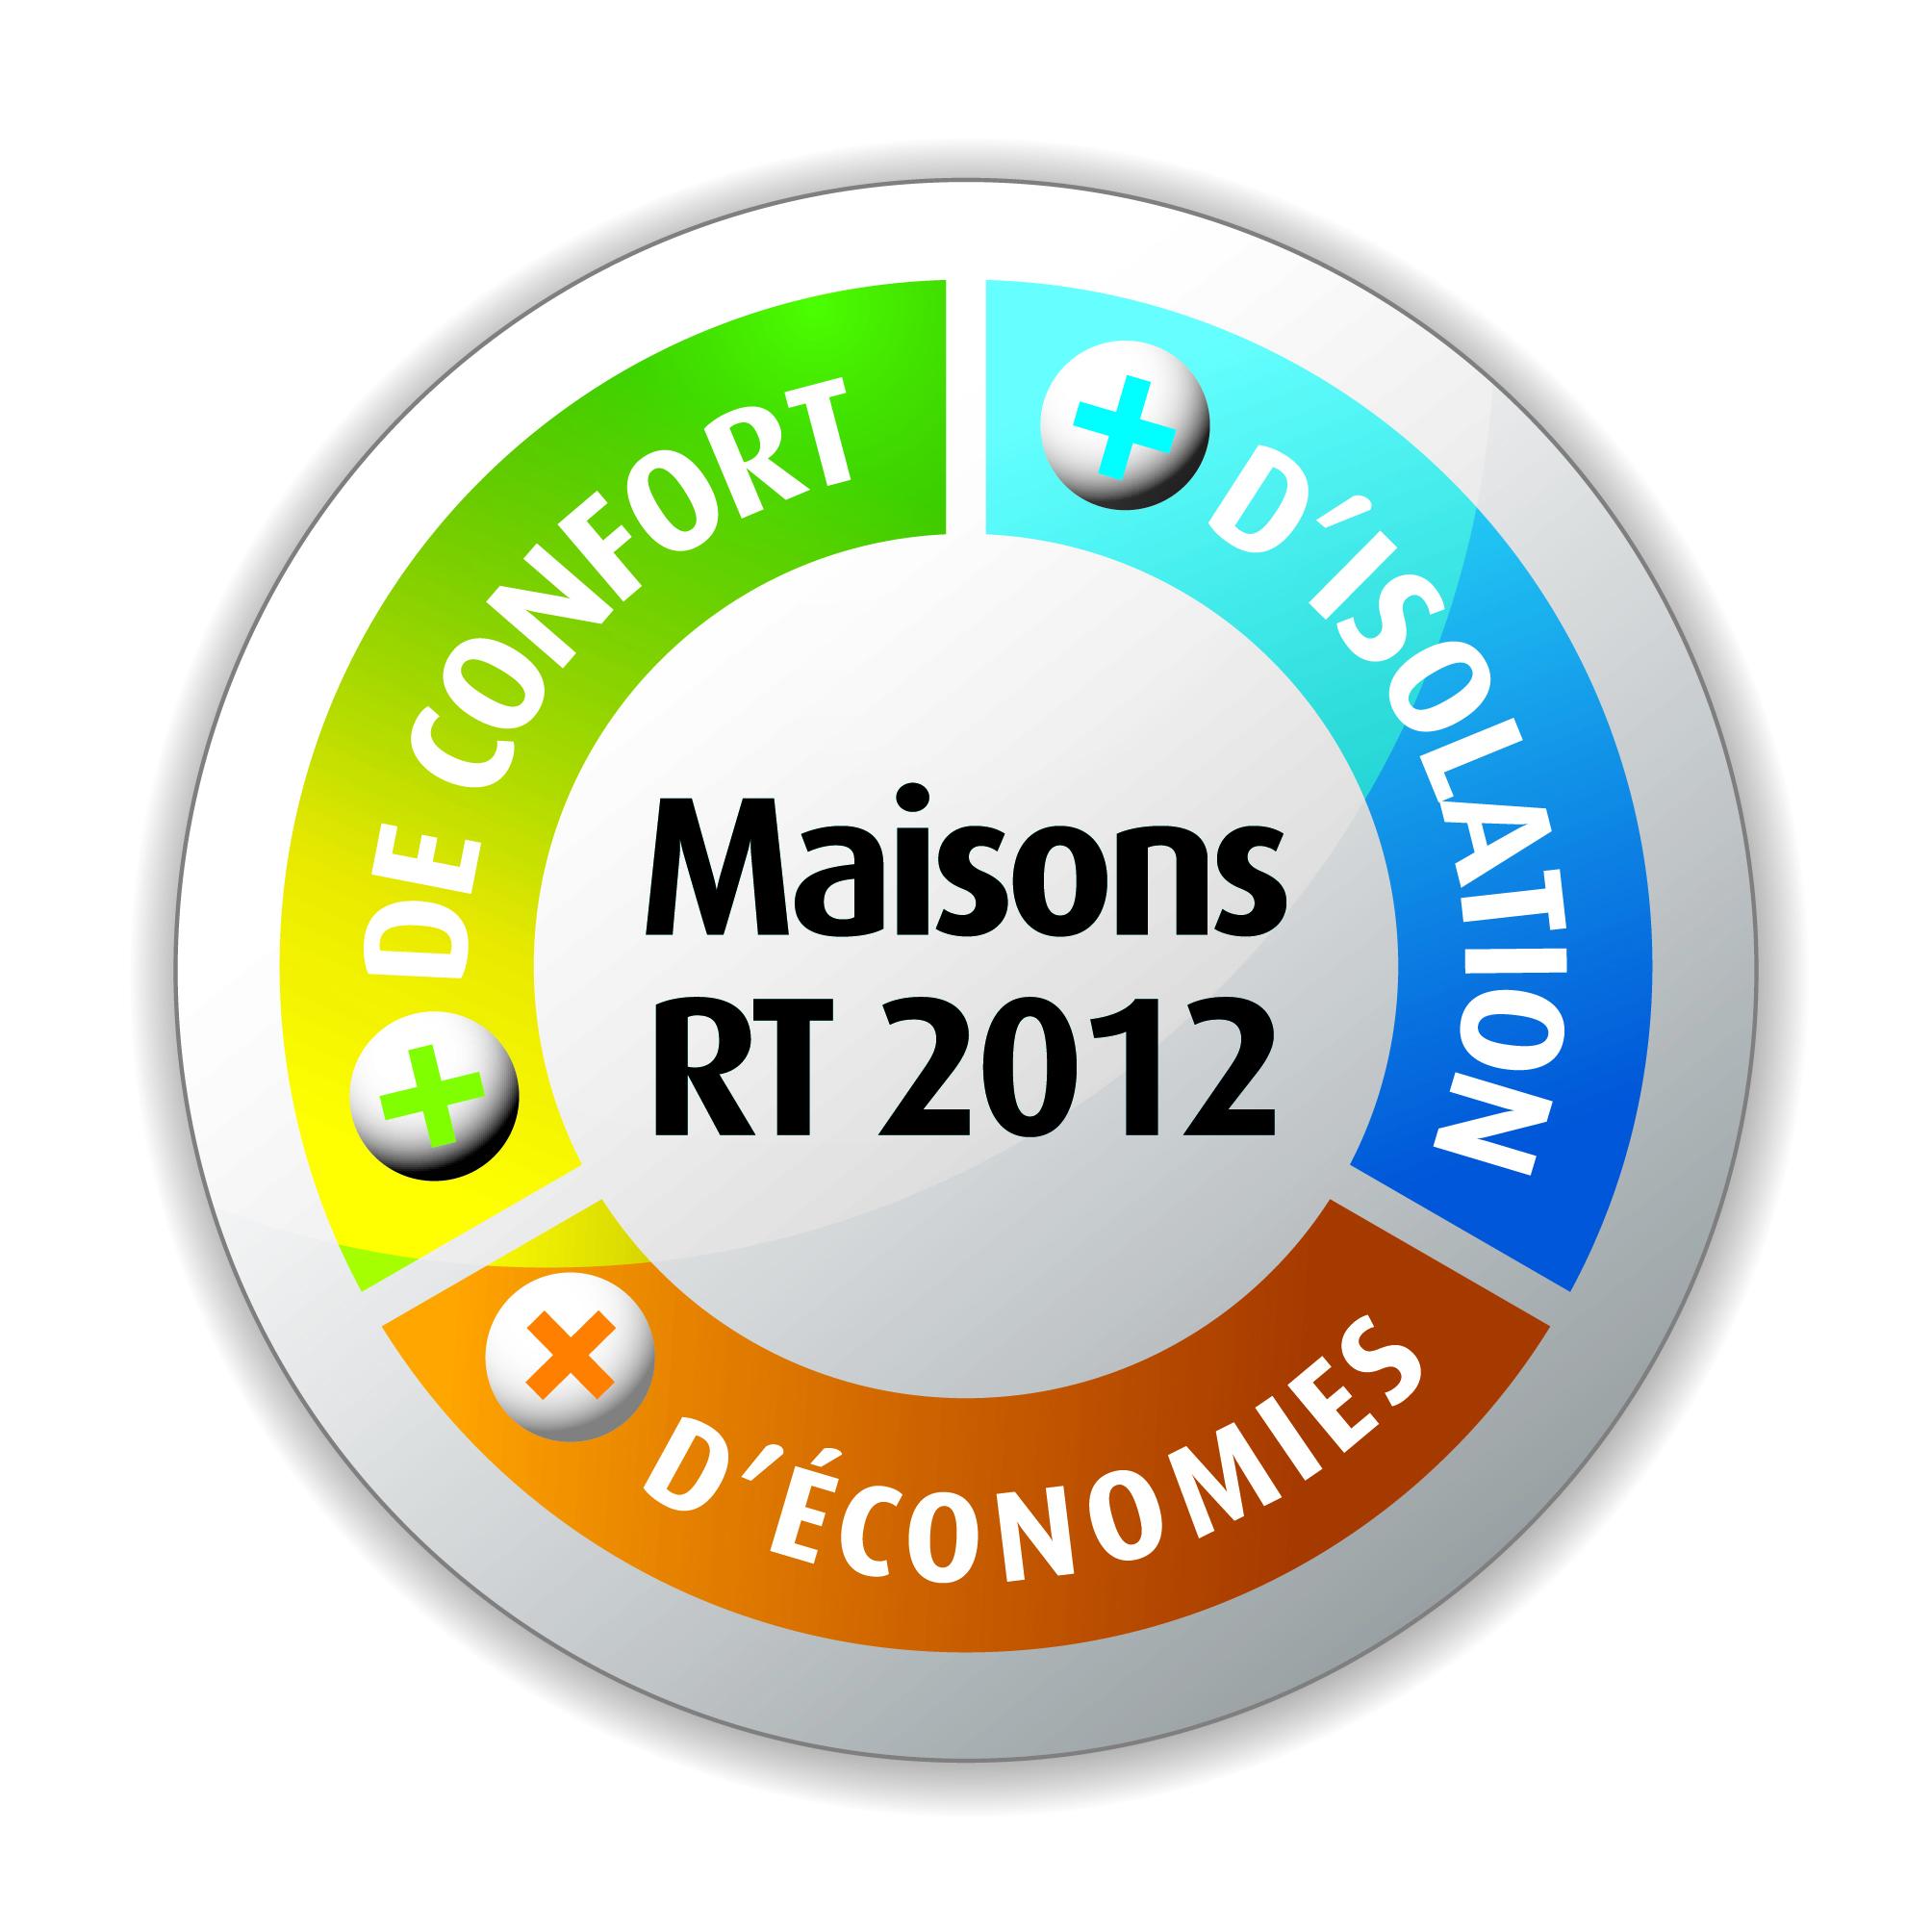 La r glementation thermique 2012 cr a concept for Maison rt 2012 prix